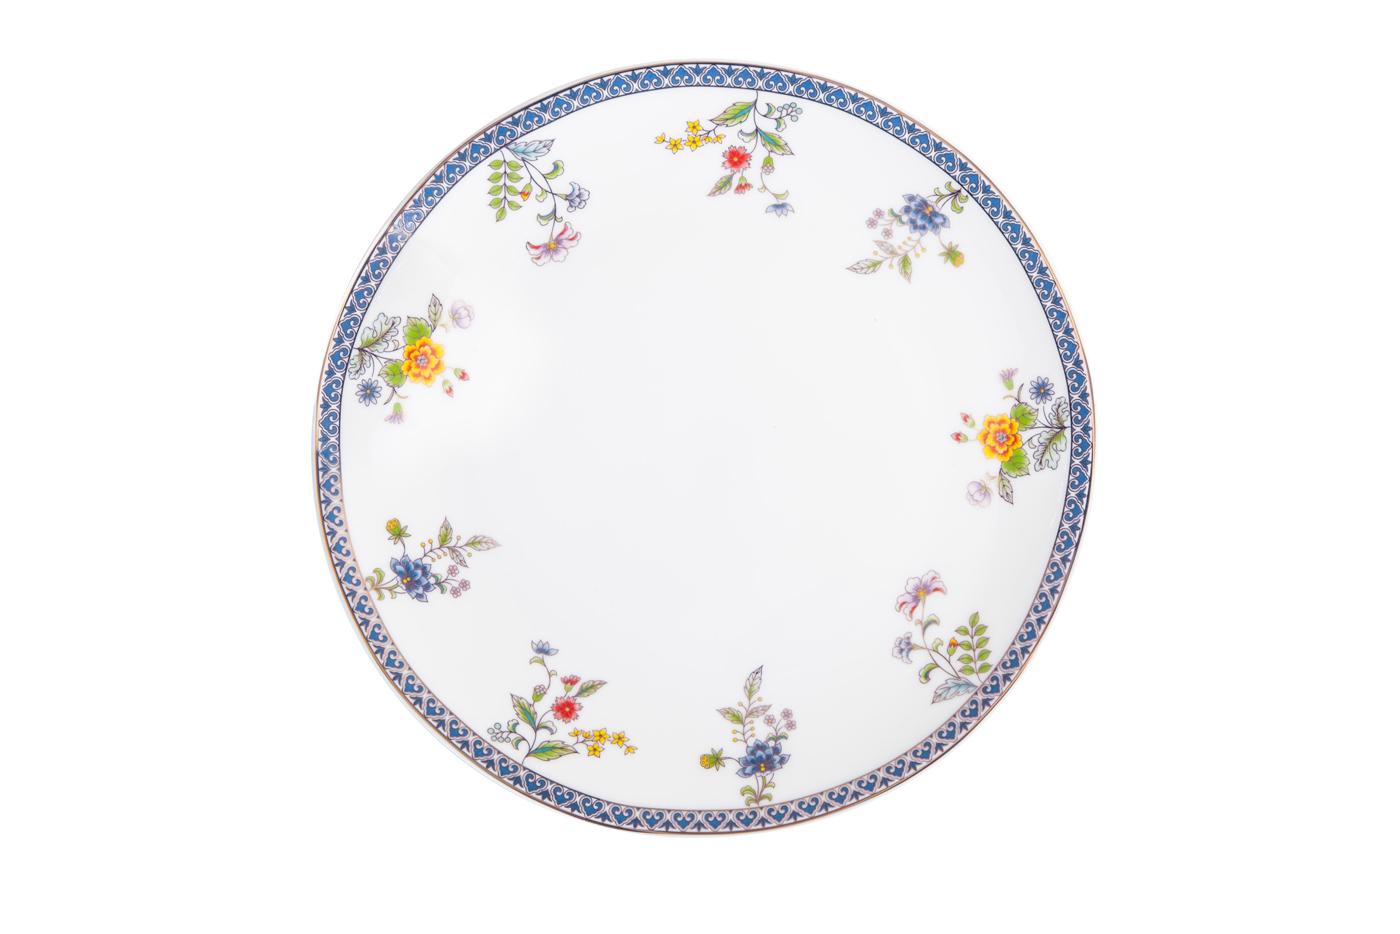 Набор из 6 тарелок Royal Aurel Бавария (25см) арт.630Наборы тарелок<br>Набор из 6 тарелок Royal Aurel Бавария (25см) арт.630<br>Производить посуду из фарфора начали в Китае на стыке 6-7 веков. Неустанно совершенствуя и селективно отбирая сырье для производства посуды из фарфора, мастерам удалось добиться выдающихся характеристик фарфора: белизны и тонкостенности. В XV веке появился особый интерес к китайской фарфоровой посуде, так как в это время Европе возникла мода на самобытные китайские вещи. Роскошный китайский фарфор являлся изыском и был в новинку, поэтому он выступал в качестве подарка королям, а также знатным людям. Такой дорогой подарок был очень престижен и по праву являлся элитной посудой. Как известно из многочисленных исторических документов, в Европе китайские изделия из фарфора ценились практически как золото. <br>Проверка изделий из костяного фарфора на подлинность <br>По сравнению с производством других видов фарфора процесс производства изделий из настоящего костяного фарфора сложен и весьма длителен. Посуда из изящного фарфора - это элитная посуда, которая всегда ассоциируется с богатством, величием и благородством. Несмотря на небольшую толщину, фарфоровая посуда - это очень прочное изделие. Для демонстрации плотности и прочности фарфора можно легко коснуться предметов посуды из фарфора деревянной палочкой, и тогда мы услушим характерный металлический звон. В составе фарфоровой посуды присутствует костяная зола, благодаря чему она может быть намного тоньше (не более 2,5 мм) и легче твердого или мягкого фарфора. Безупречная белизна - ключевой признак отличия такого фарфора от других. Цвет обычного фарфора сероватый или ближе к голубоватому, а костяной фарфор будет всегда будет молочно-белого цвета. Характерная и немаловажная деталь - это невесомая прозрачность изделий из фарфора такая, что сквозь него проходит свет.<br>